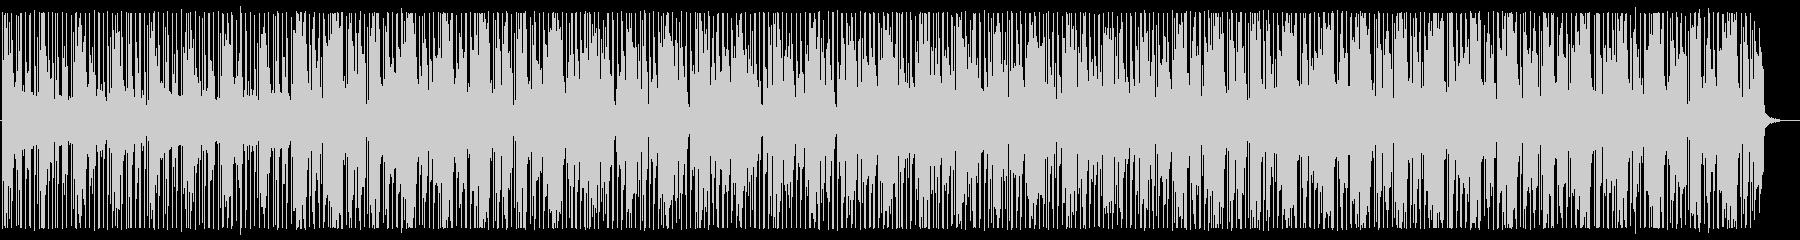 怪しげなヒップホップ_No585_1の未再生の波形